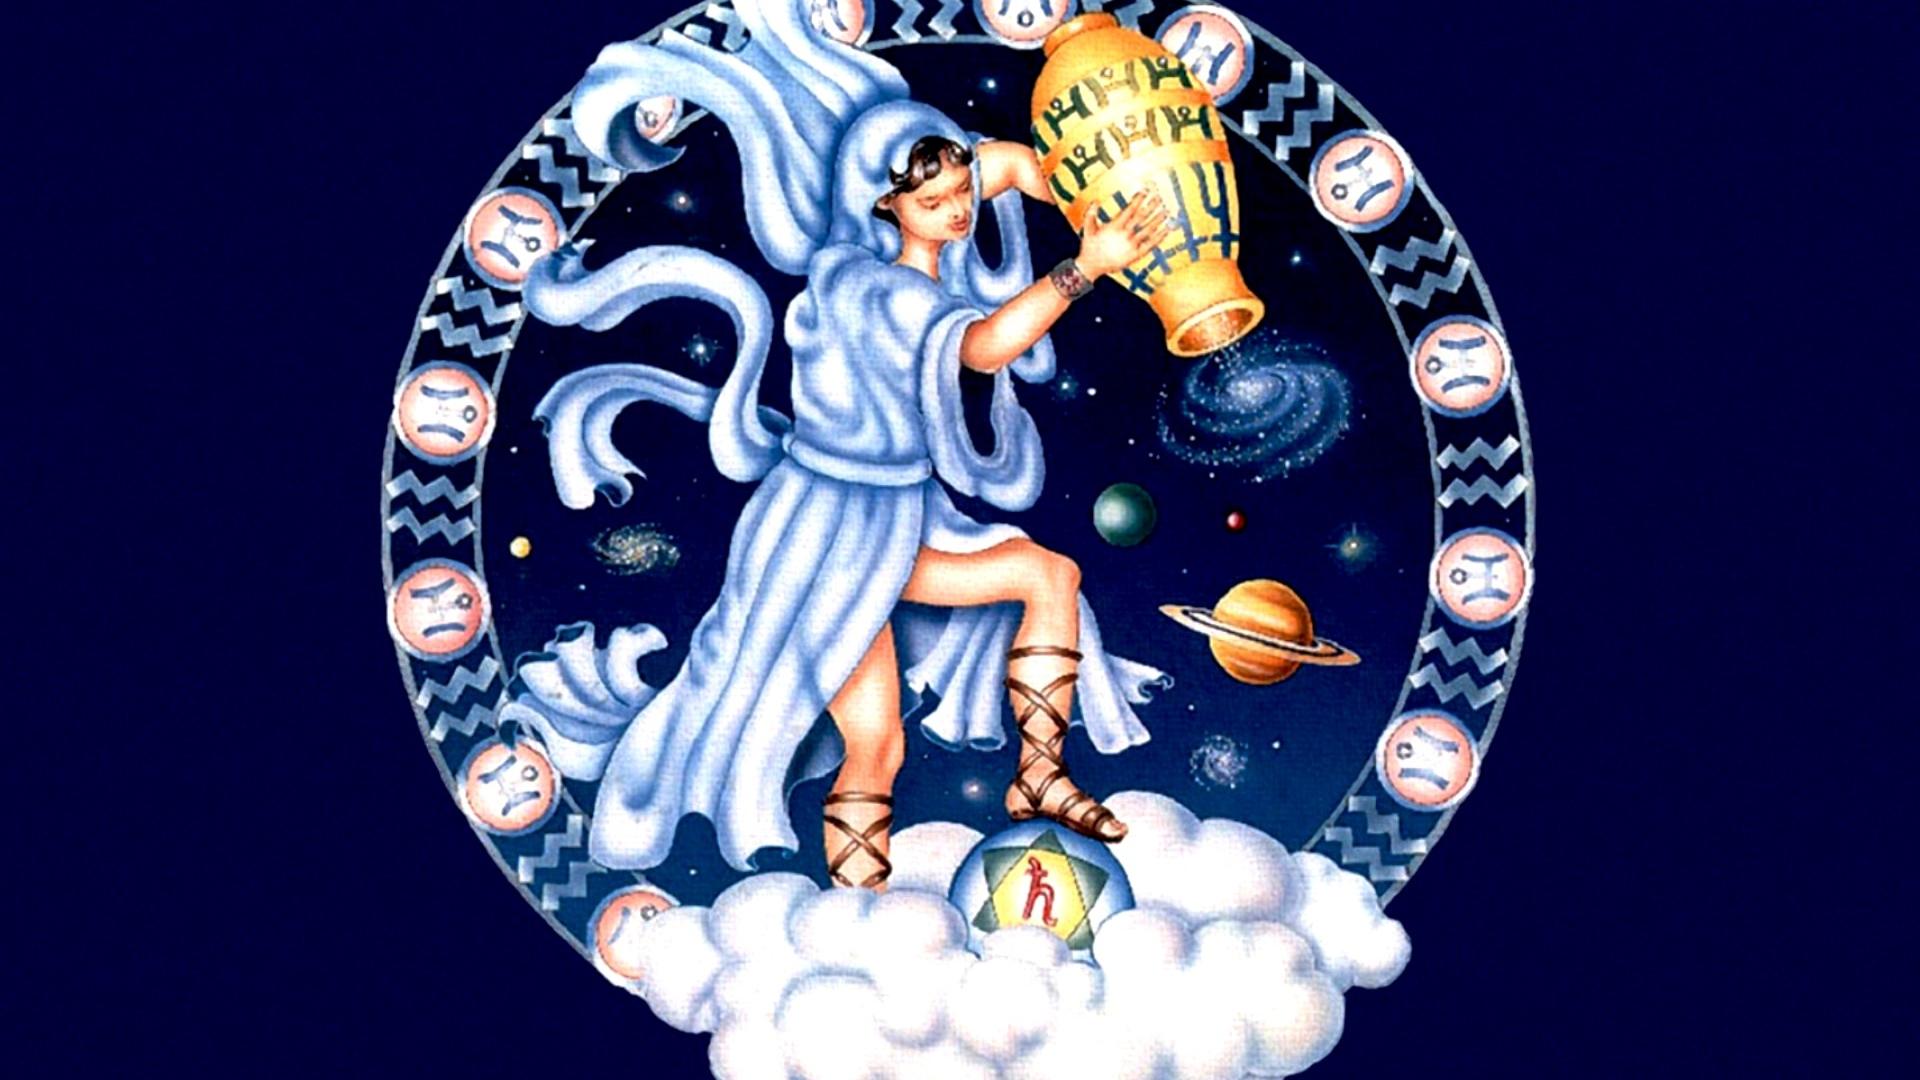 водолей знак зодиака красивые картинки для существование некоторых